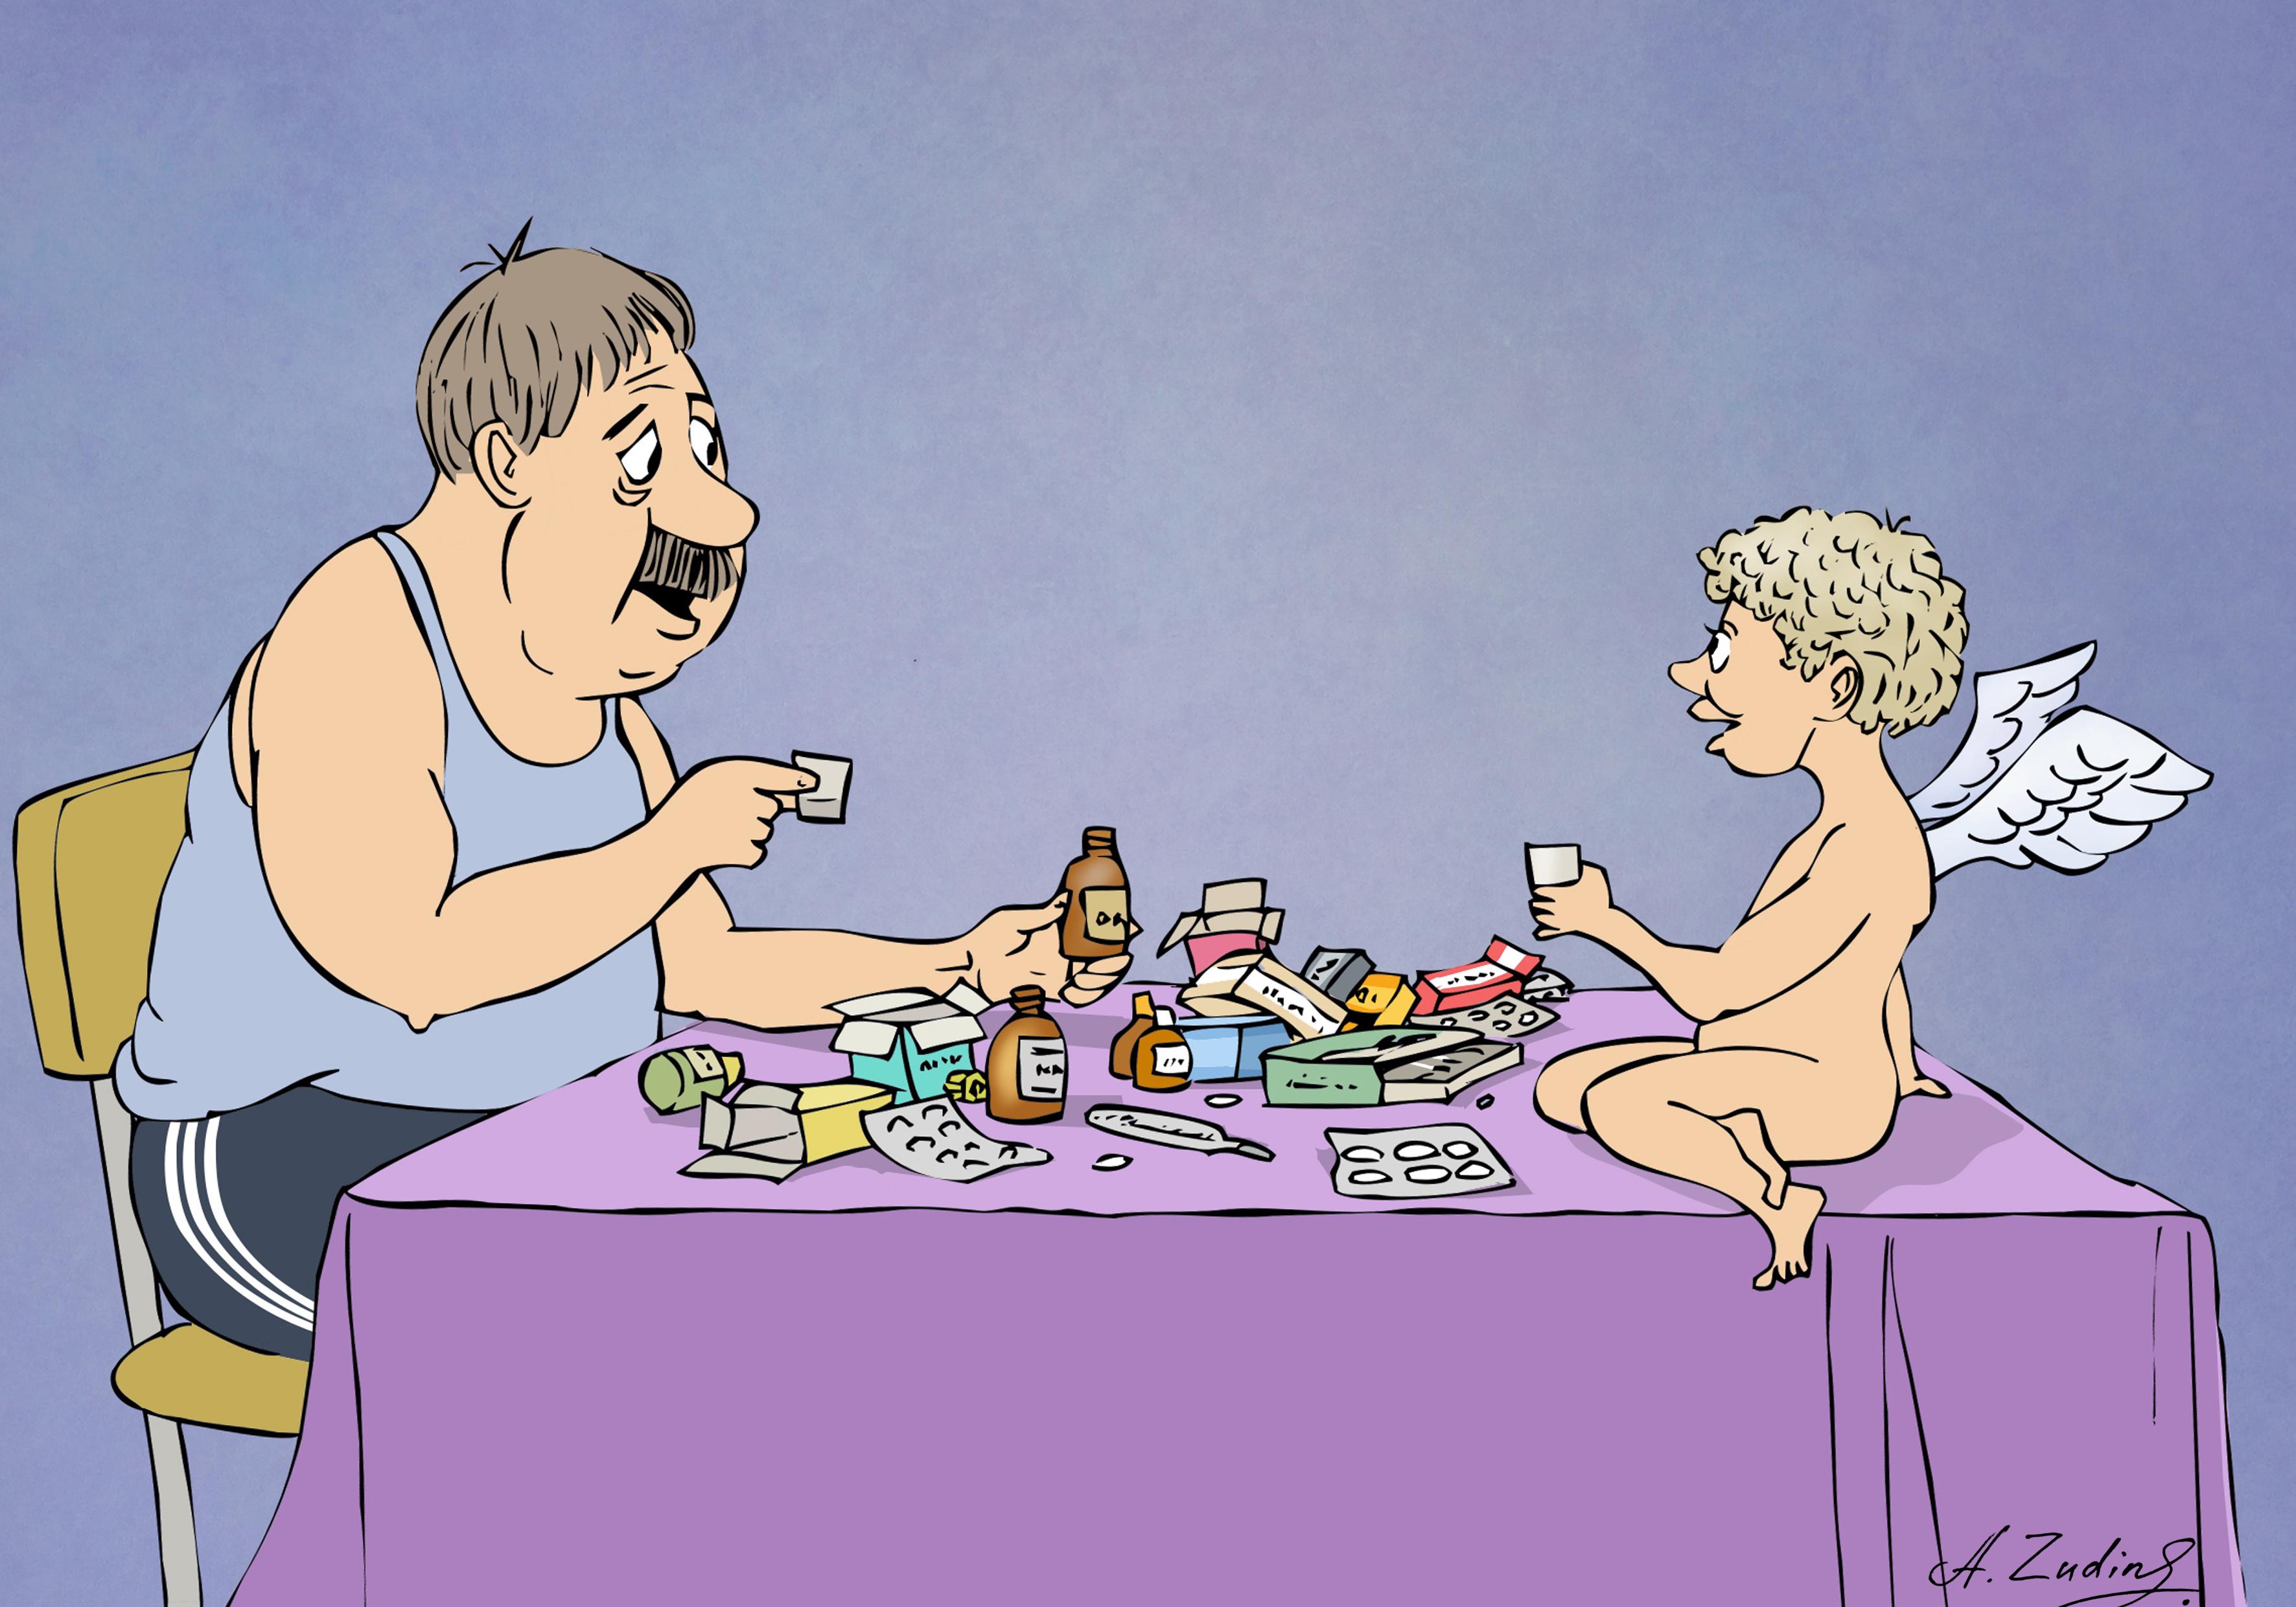 карикатурная картинка с днем рождения человека